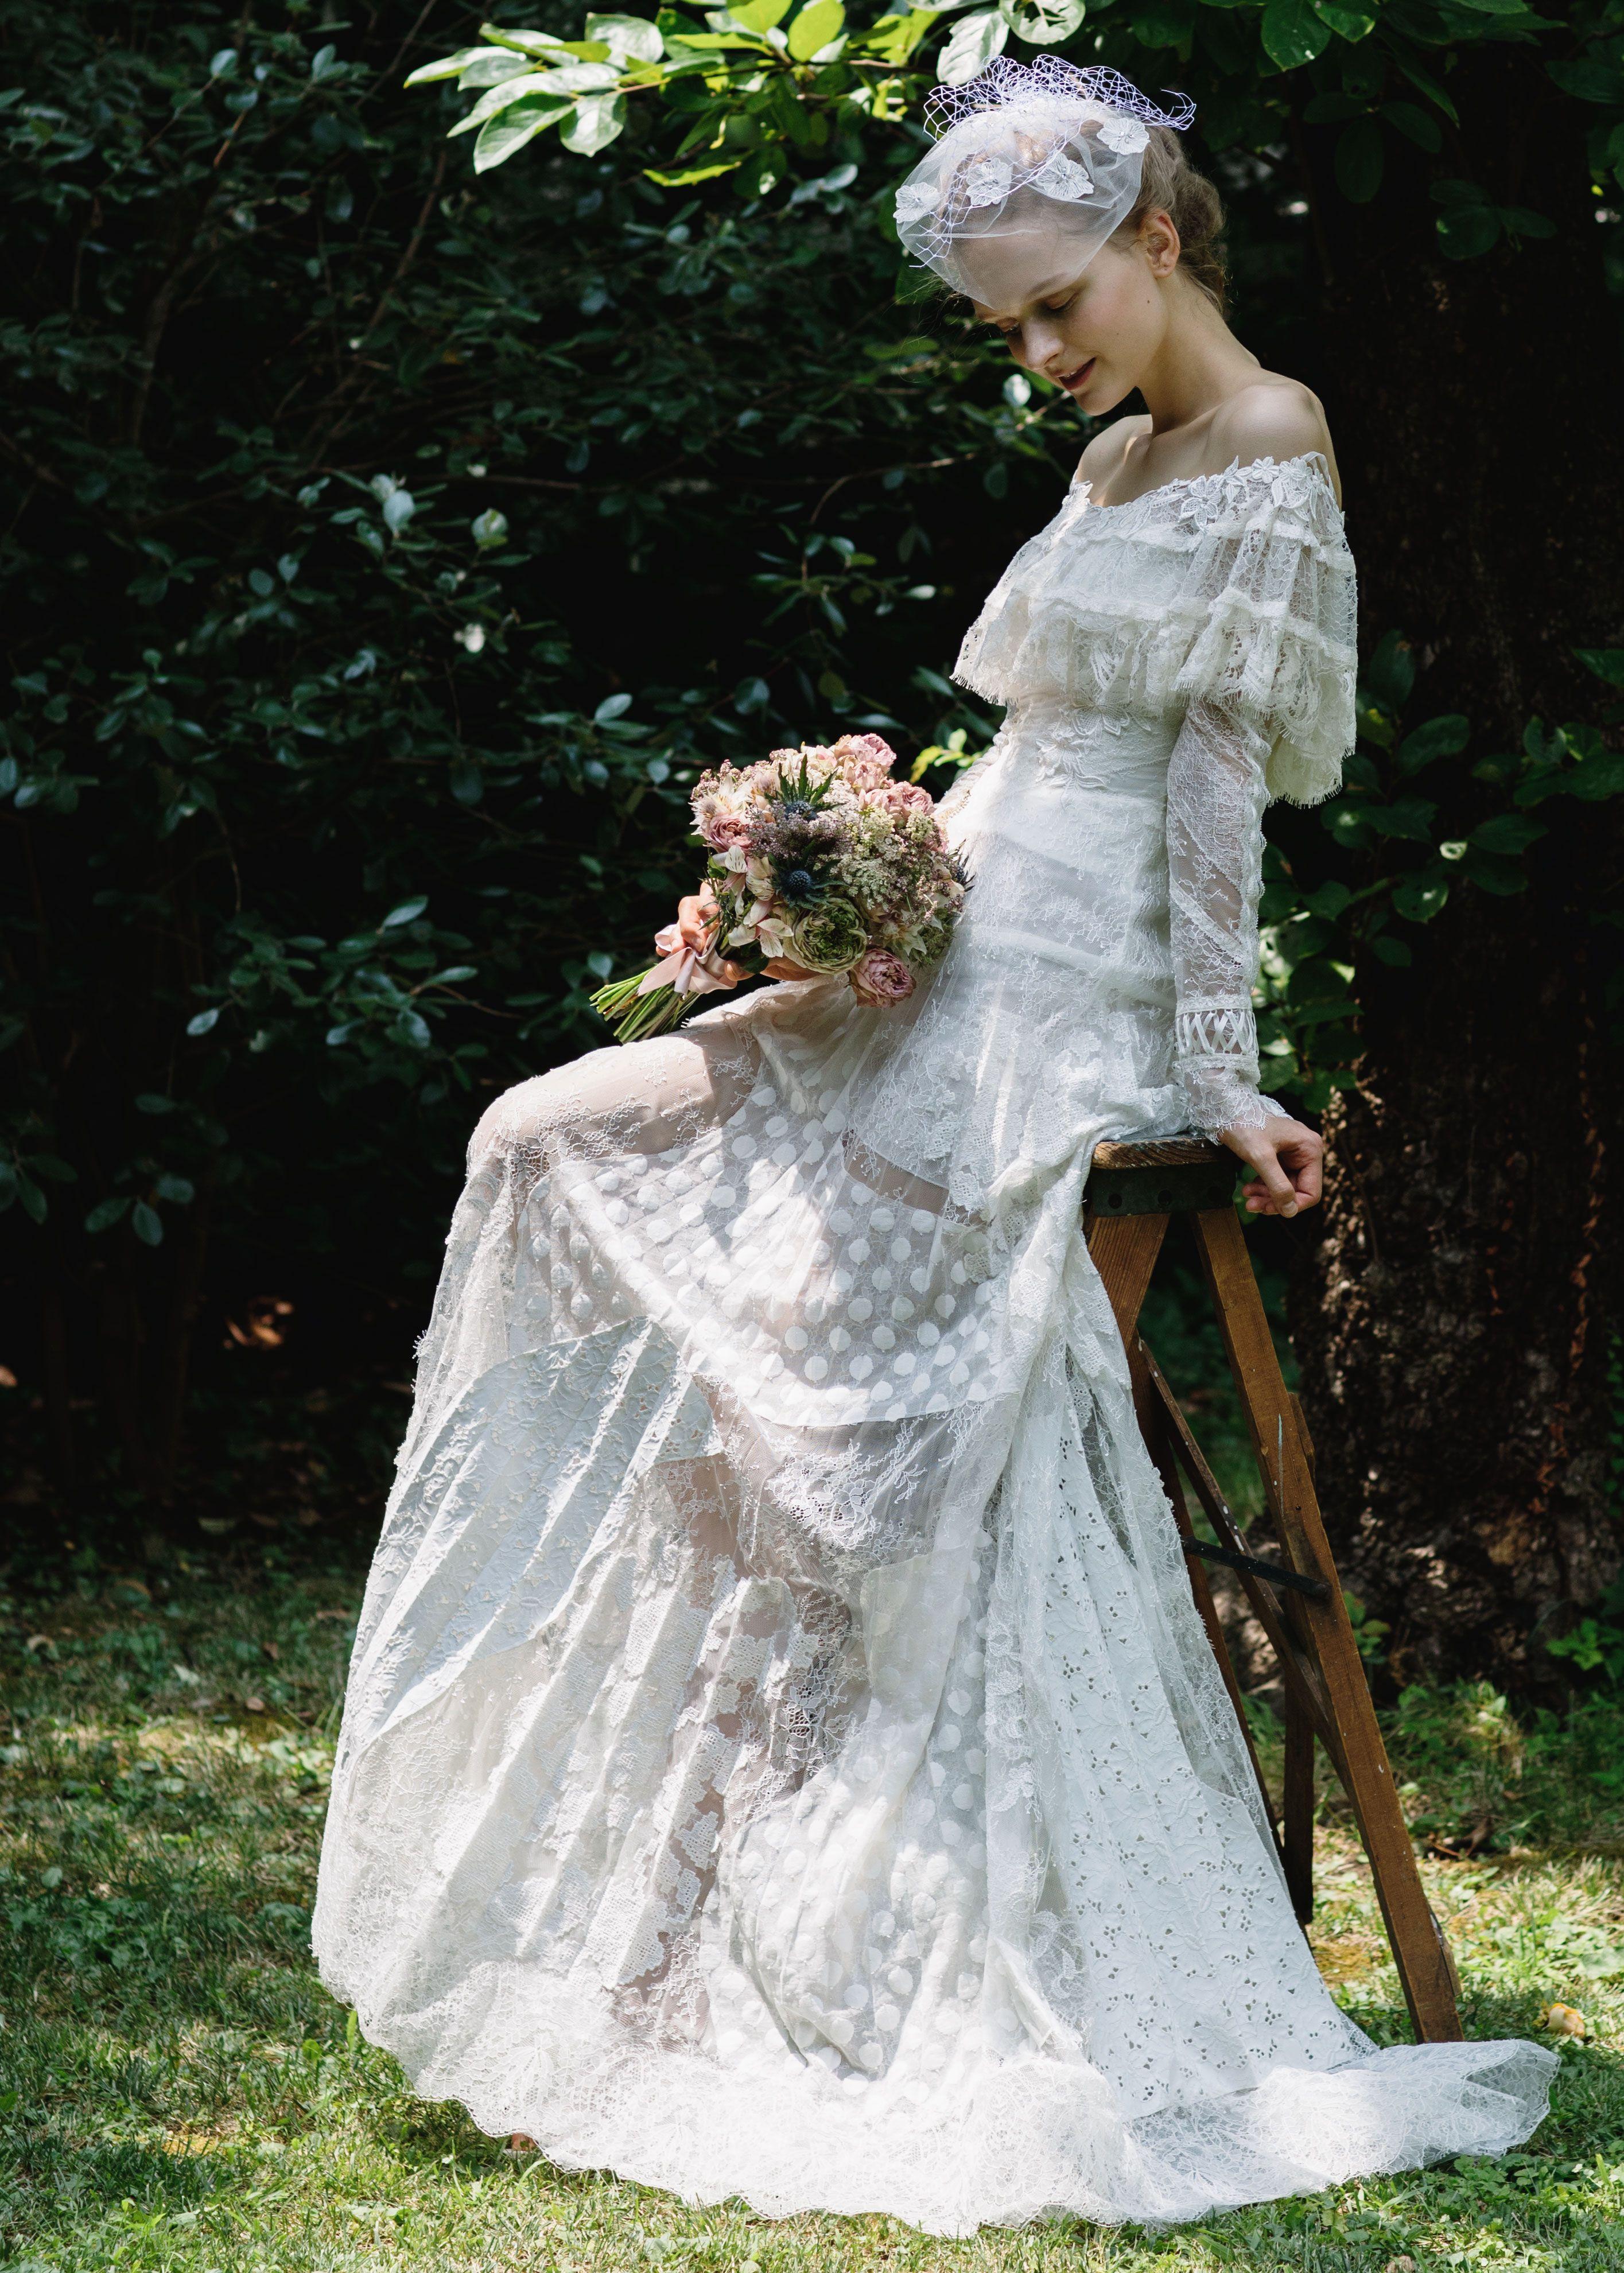 f60ecc2ce266f フィオーレビアンカ」が厳選! 可憐な花嫁になれるフェミニンドレス8選